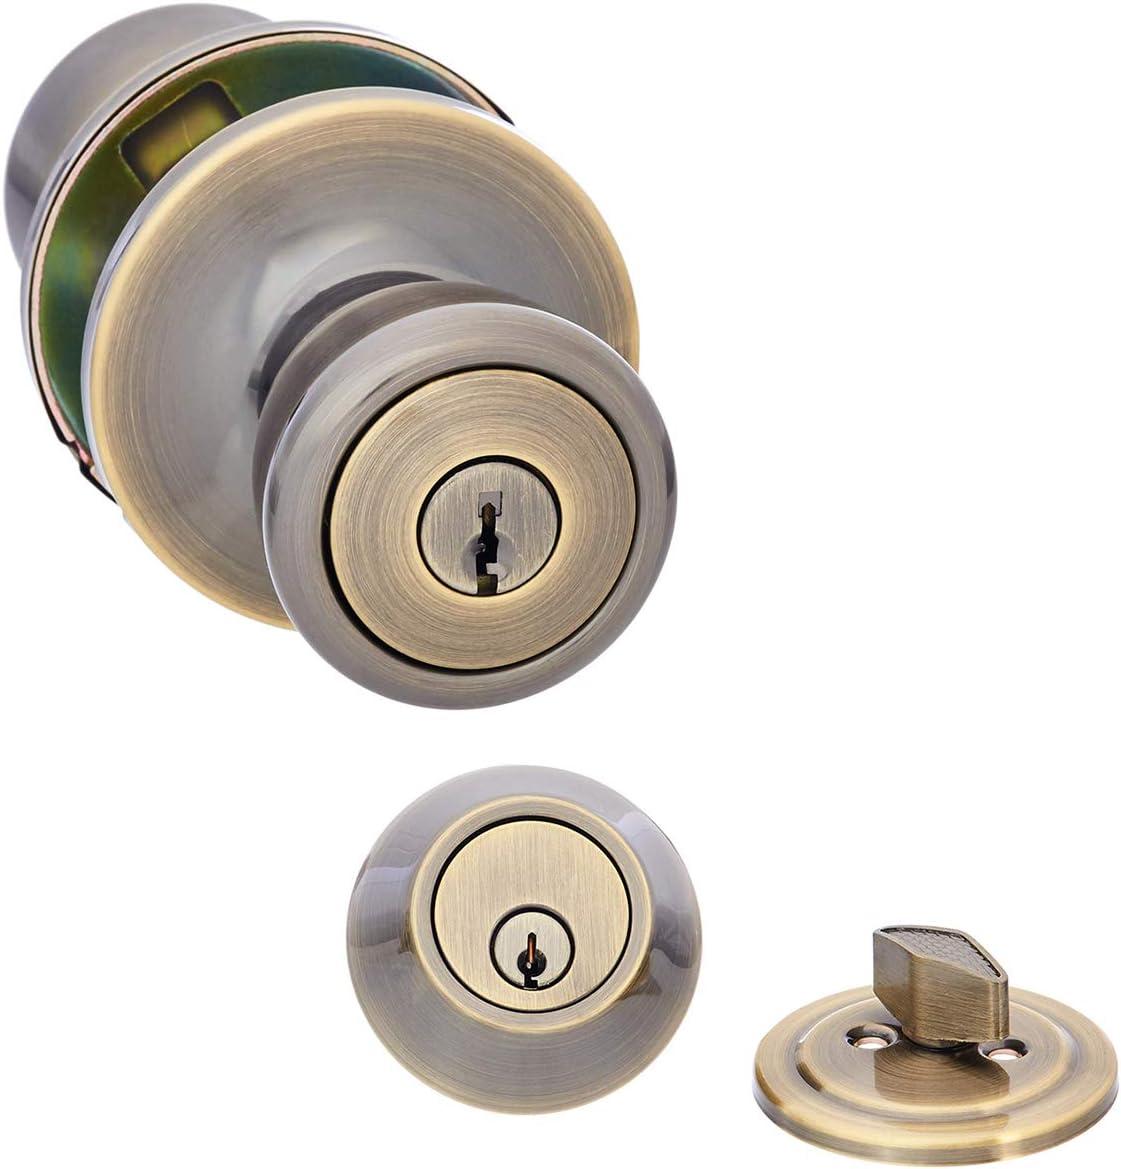 AmazonBasics Entry Door Knob With Lock and Deadbolt, Bell, Antique Brass